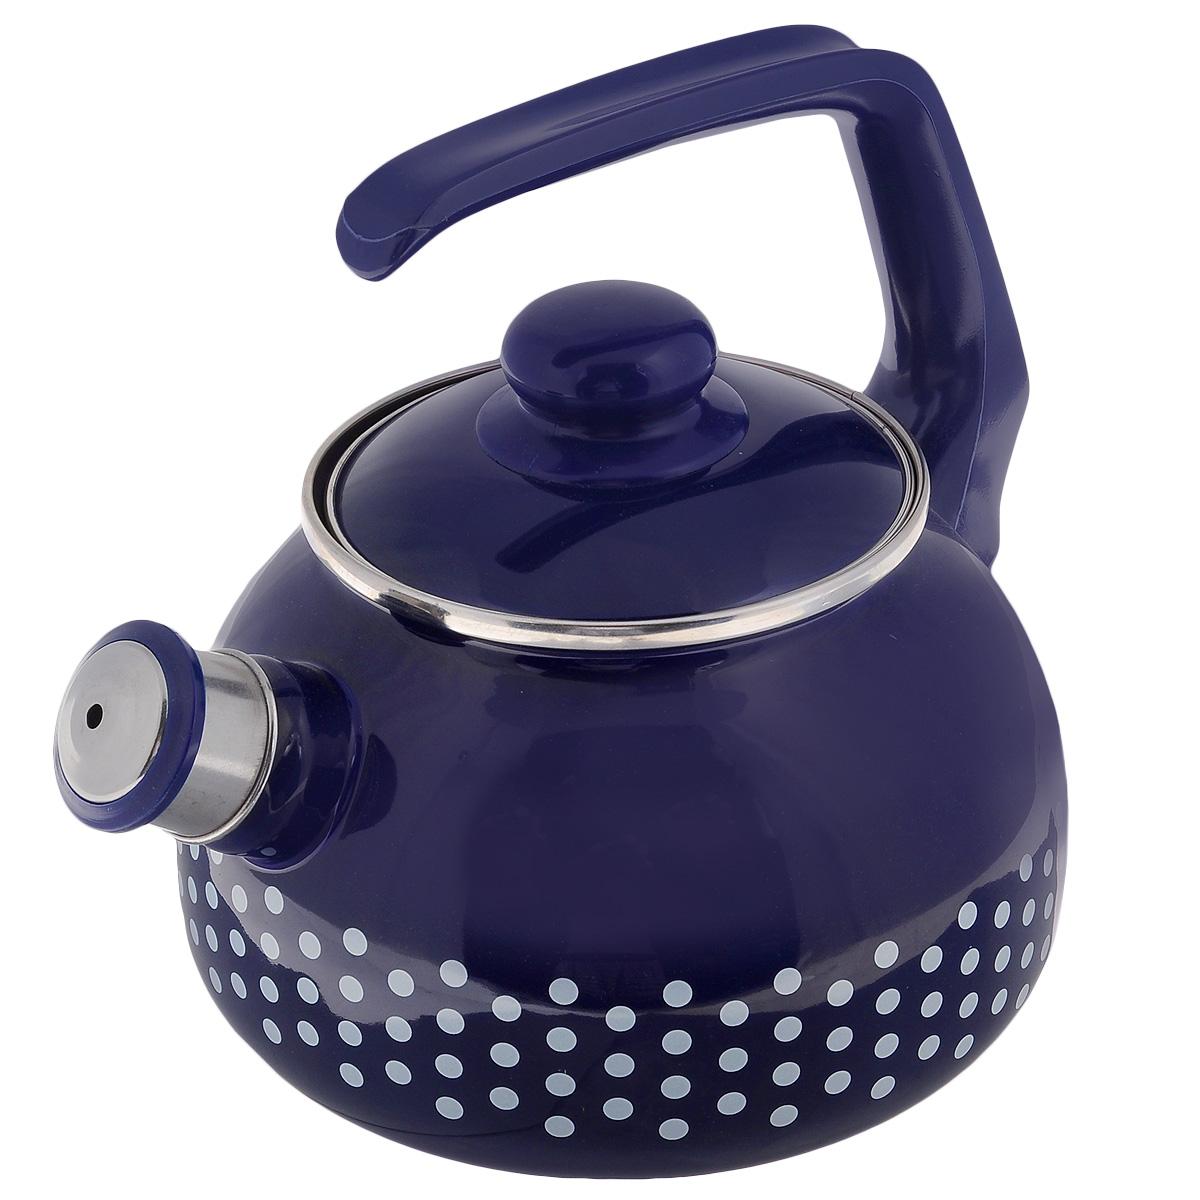 Чайник Metrot Горошек, со свистком, цвет: синий, 2,5 л108669Чайник Metrot Горошек выполнен из высококачественной стали, что обеспечивает долговечность использования. Внешнее цветное эмалевое покрытие придает приятный внешний вид. Бакелитовая фиксированная ручка делает использование чайника очень удобным и безопасным. Чайник снабжен съемным свистком. Можно мыть в посудомоечной машине. Пригоден для всех видов плит, включая индукционные. Высота чайника (без учета крышки и ручки): 13 см. Диаметр (по верхнему краю): 13 см.